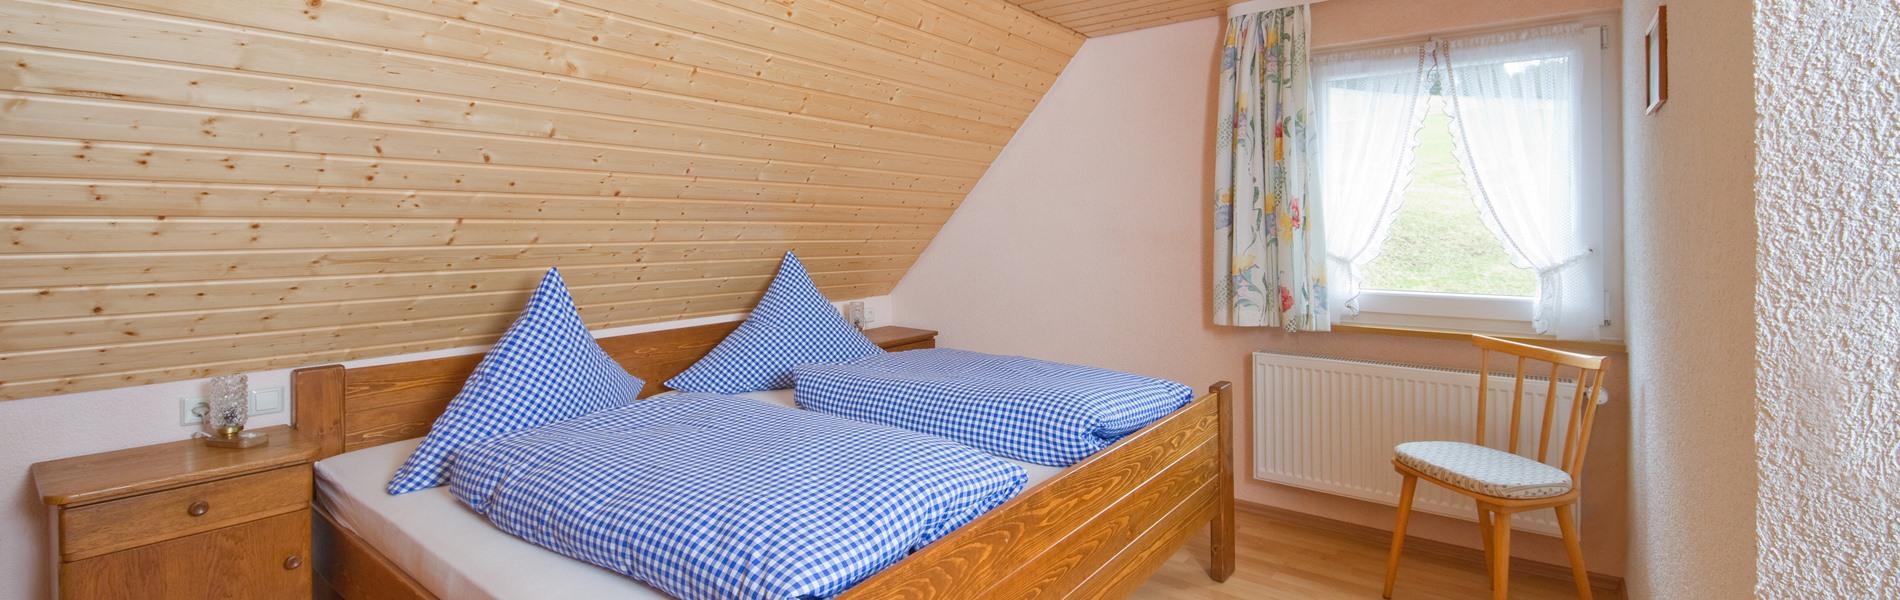 ferienwohnung-ringelblume-schlafzimmer-slider